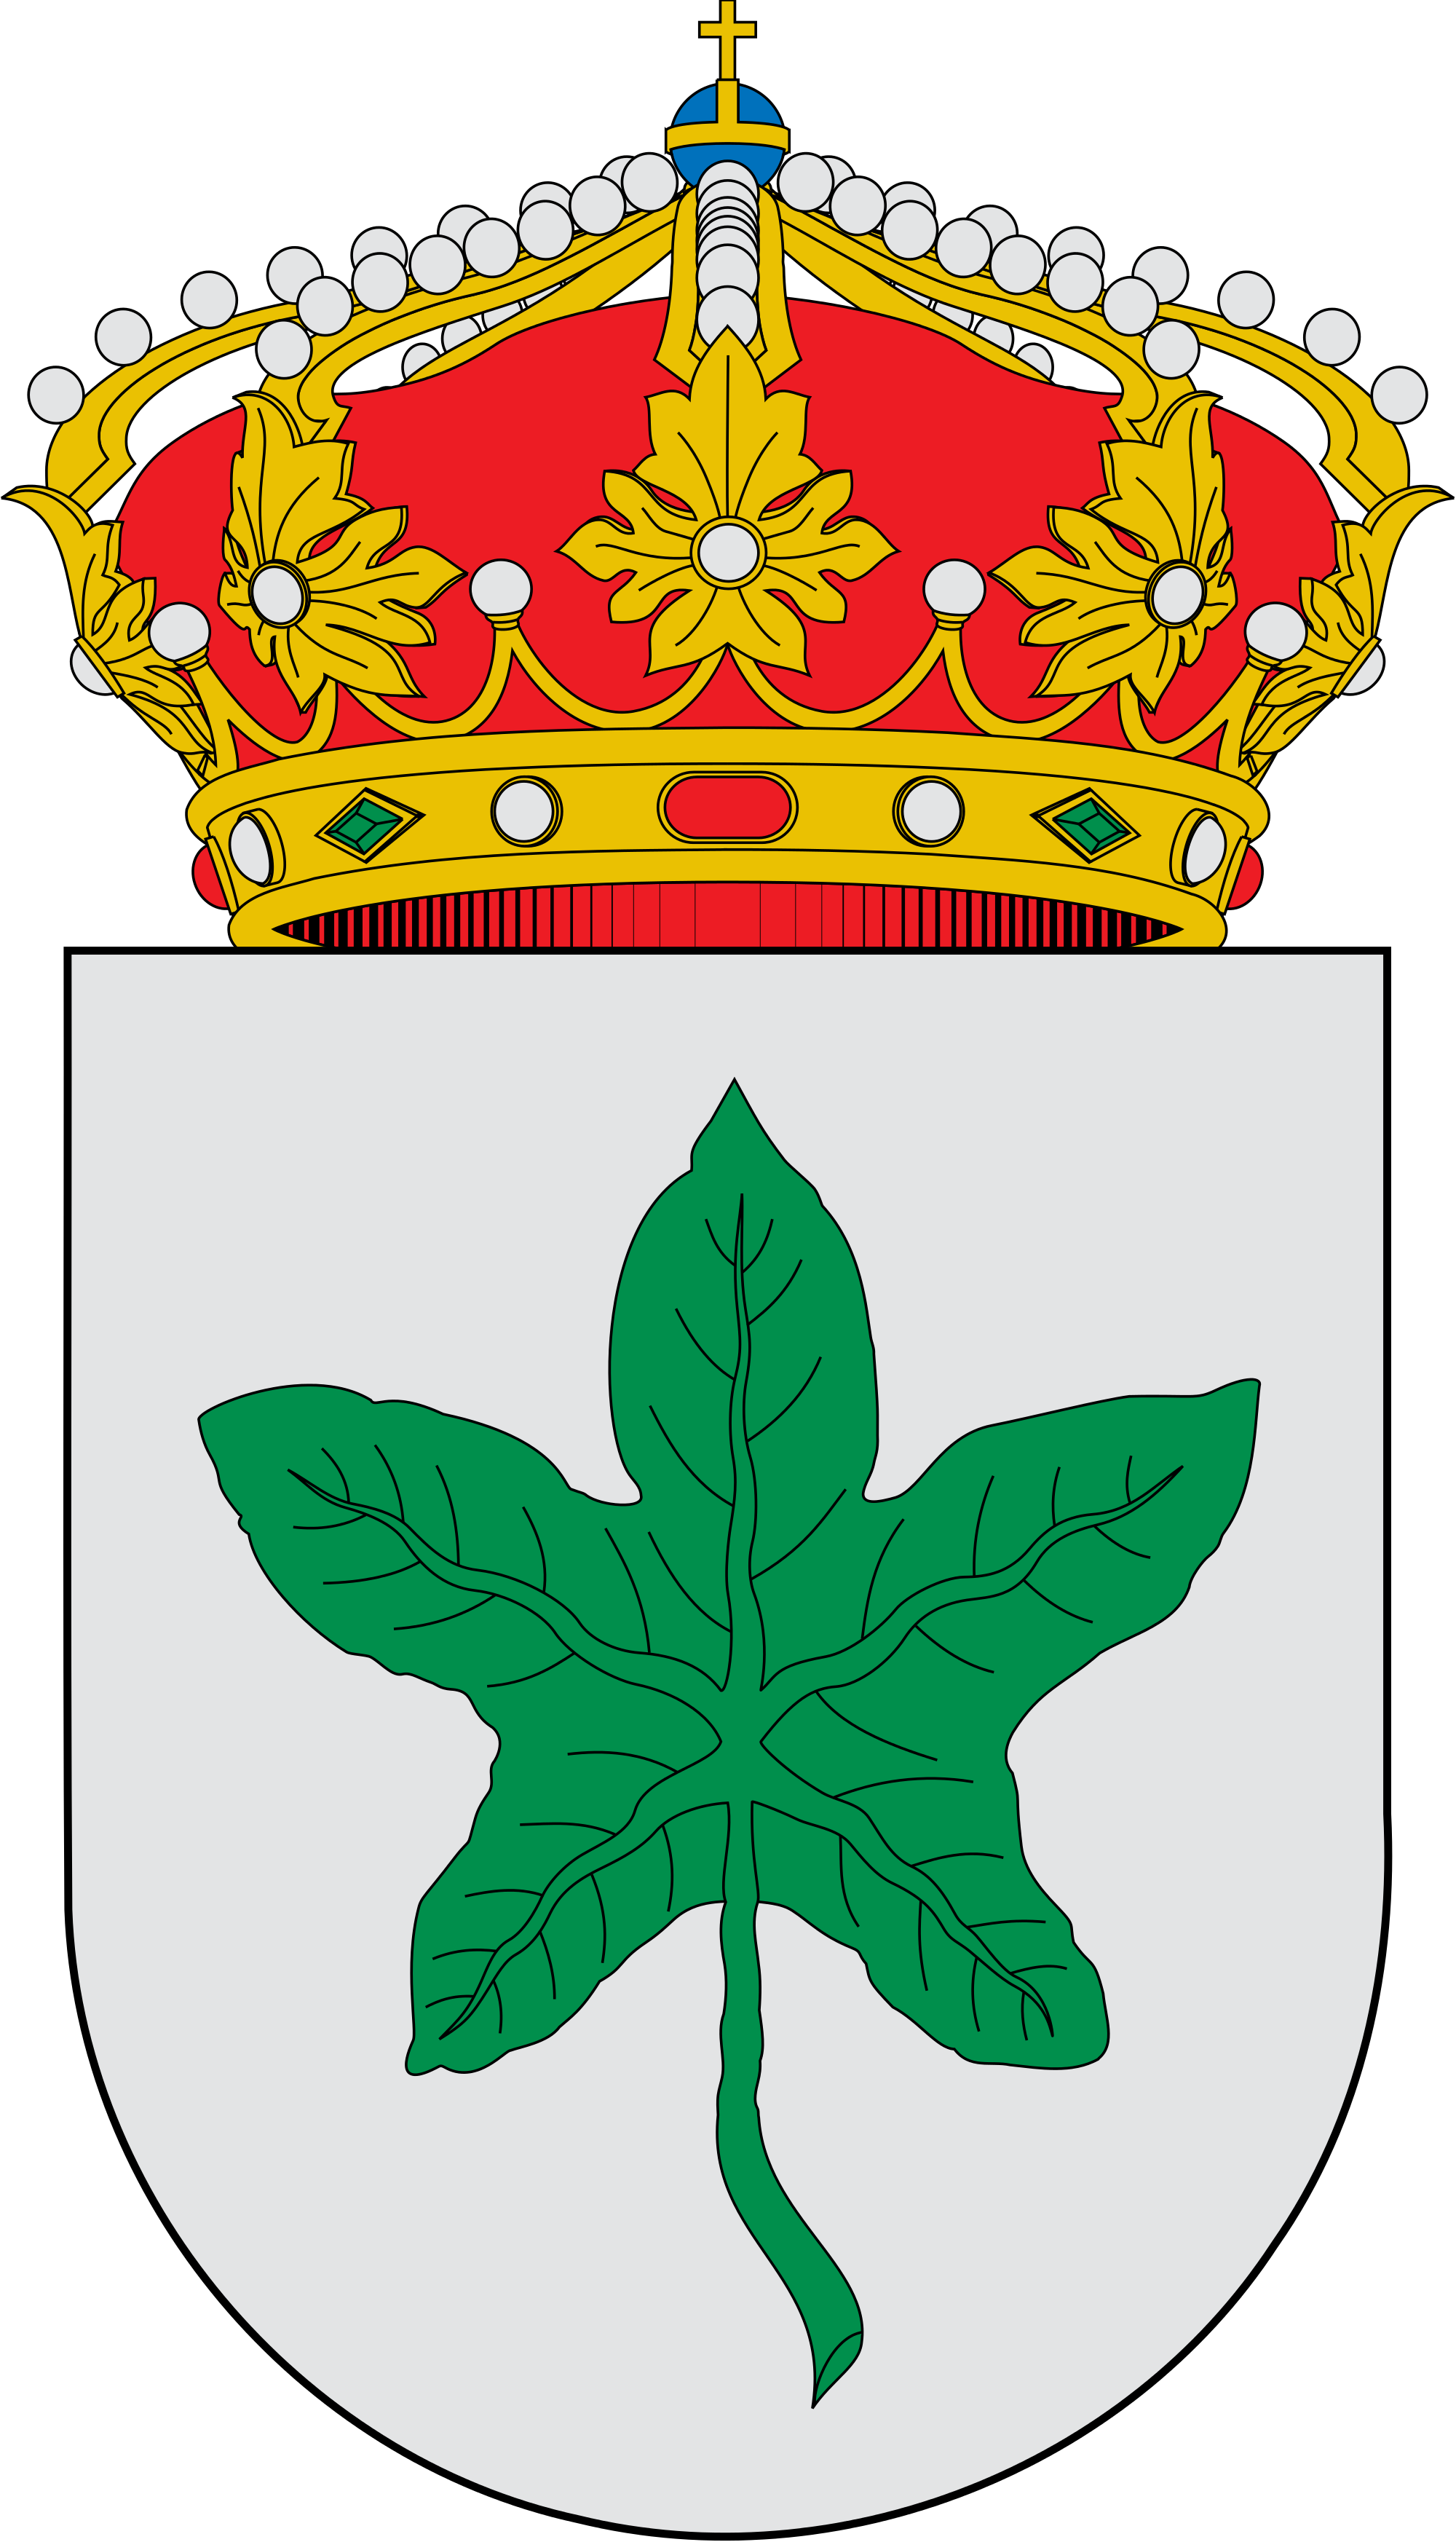 File:Escudo de Higuera (Caceres).svg.